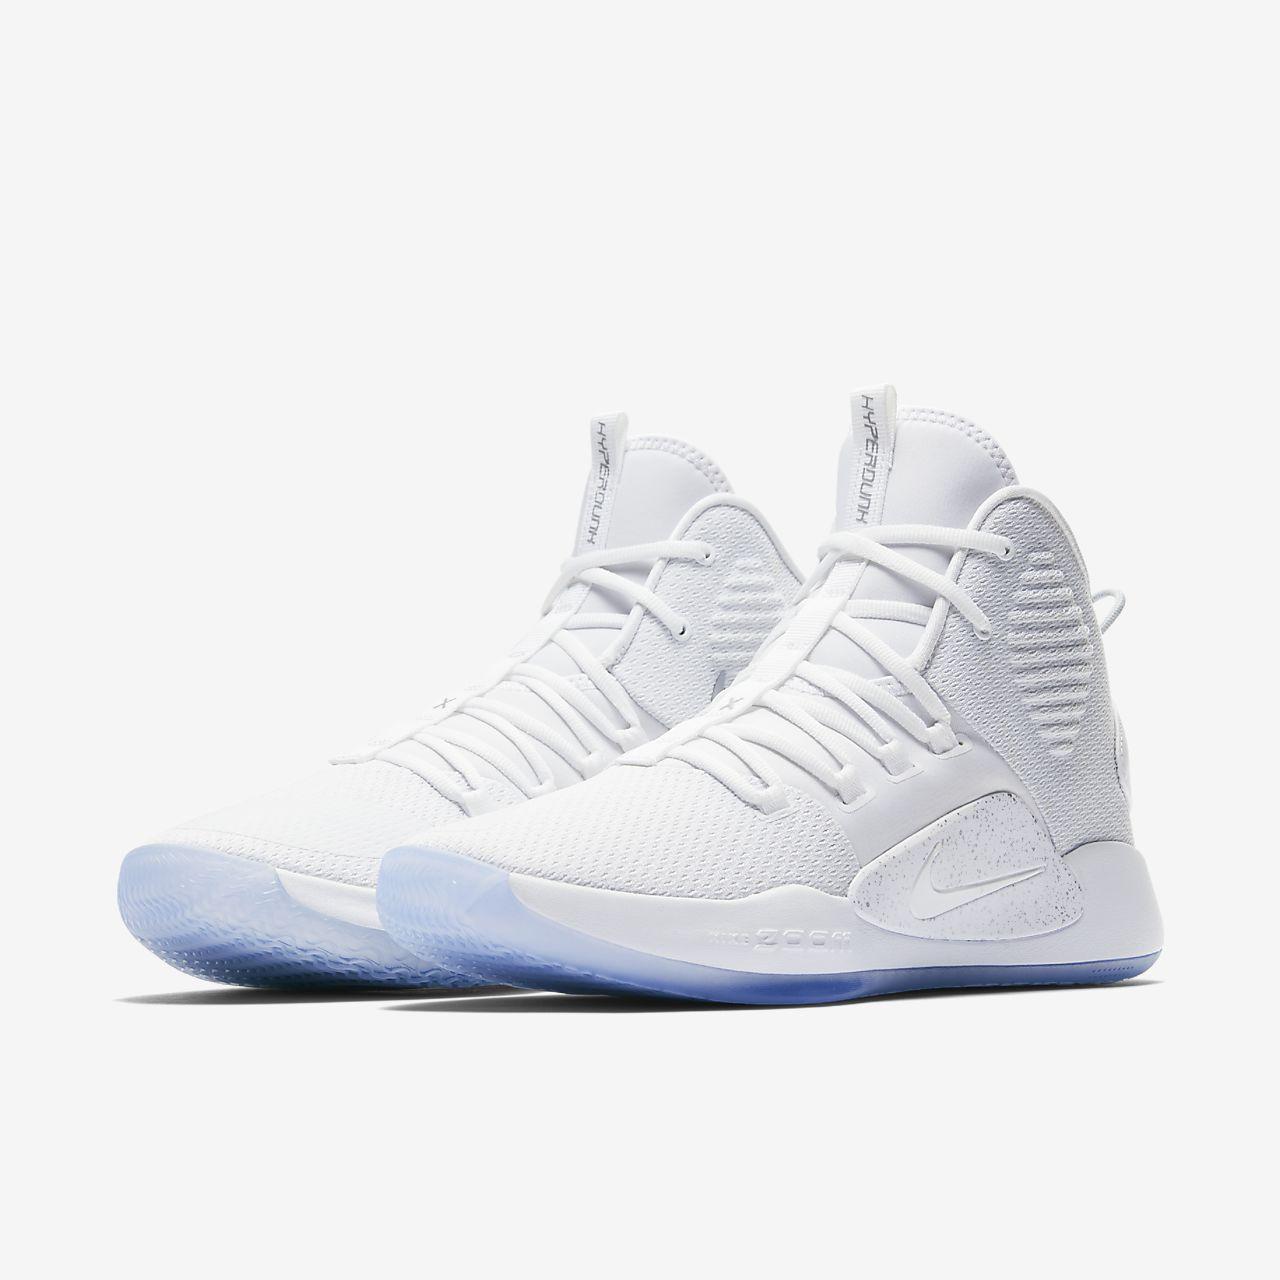 newest collection 542d6 da3a5 ... Nike Hyperdunk X Basketball Shoe